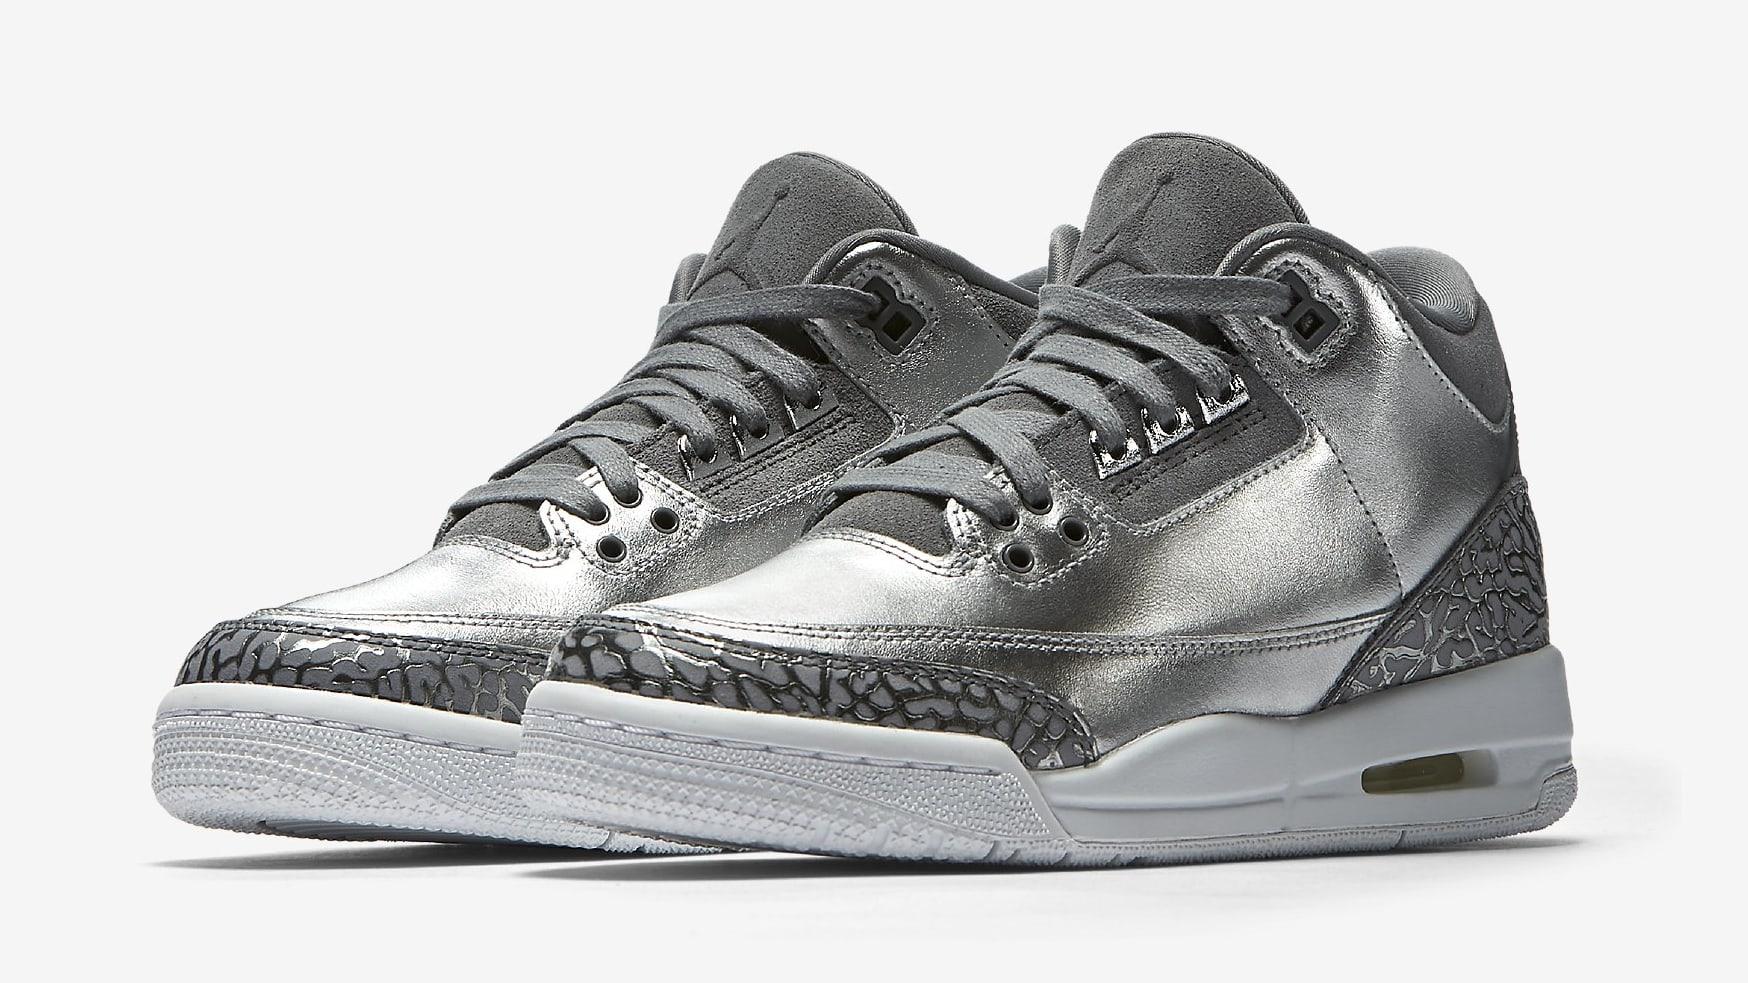 Air Jordan 3 Chrome